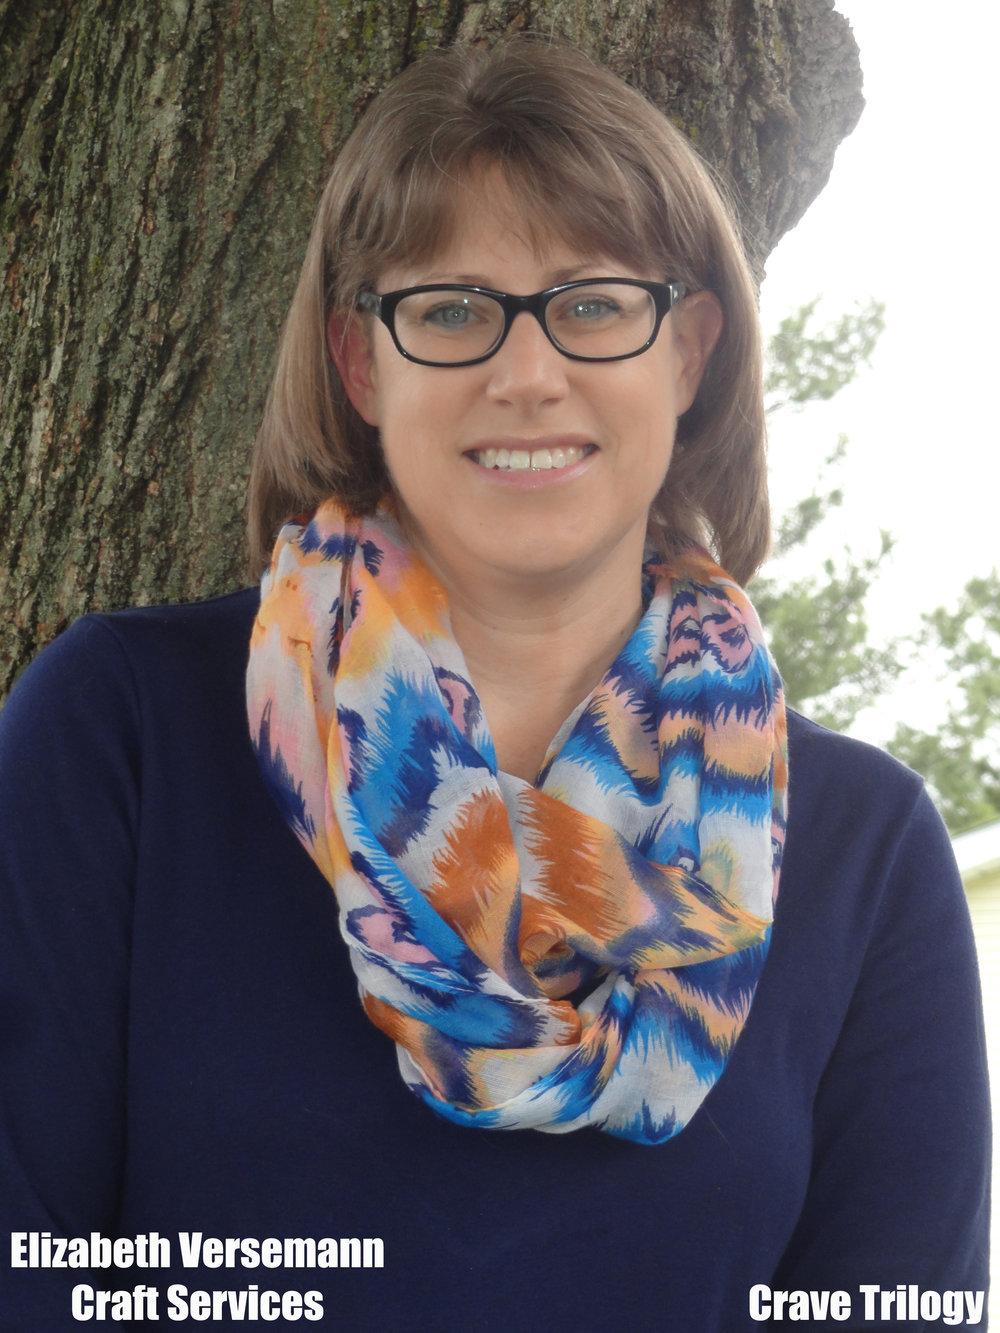 Elizabeth Versemann - Craft Services